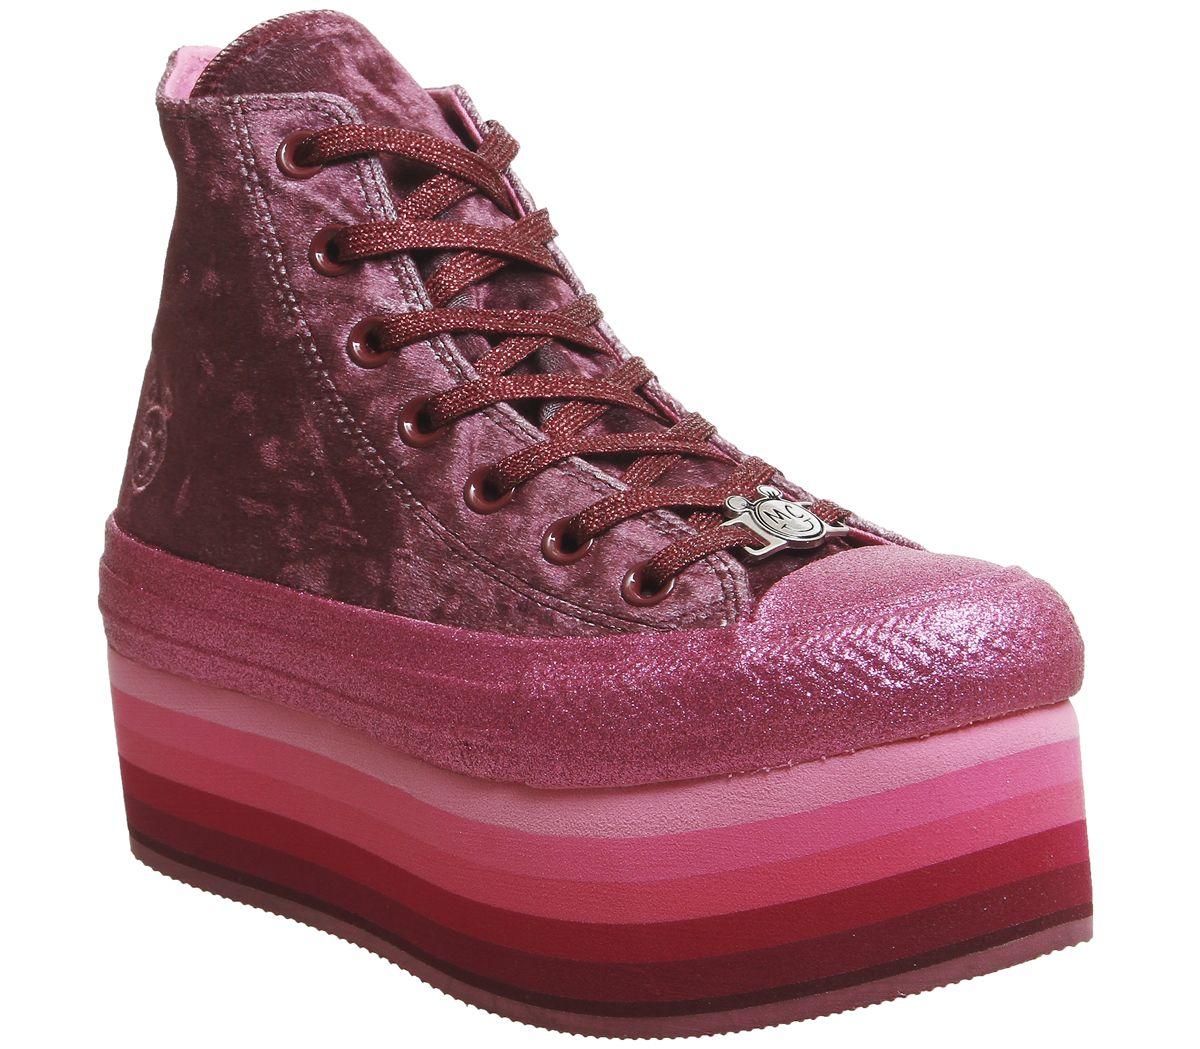 d95ebabd53f8 Converse All Star Lift Hi Trainers Dark Burgundy Pink X Mc - Hers ...